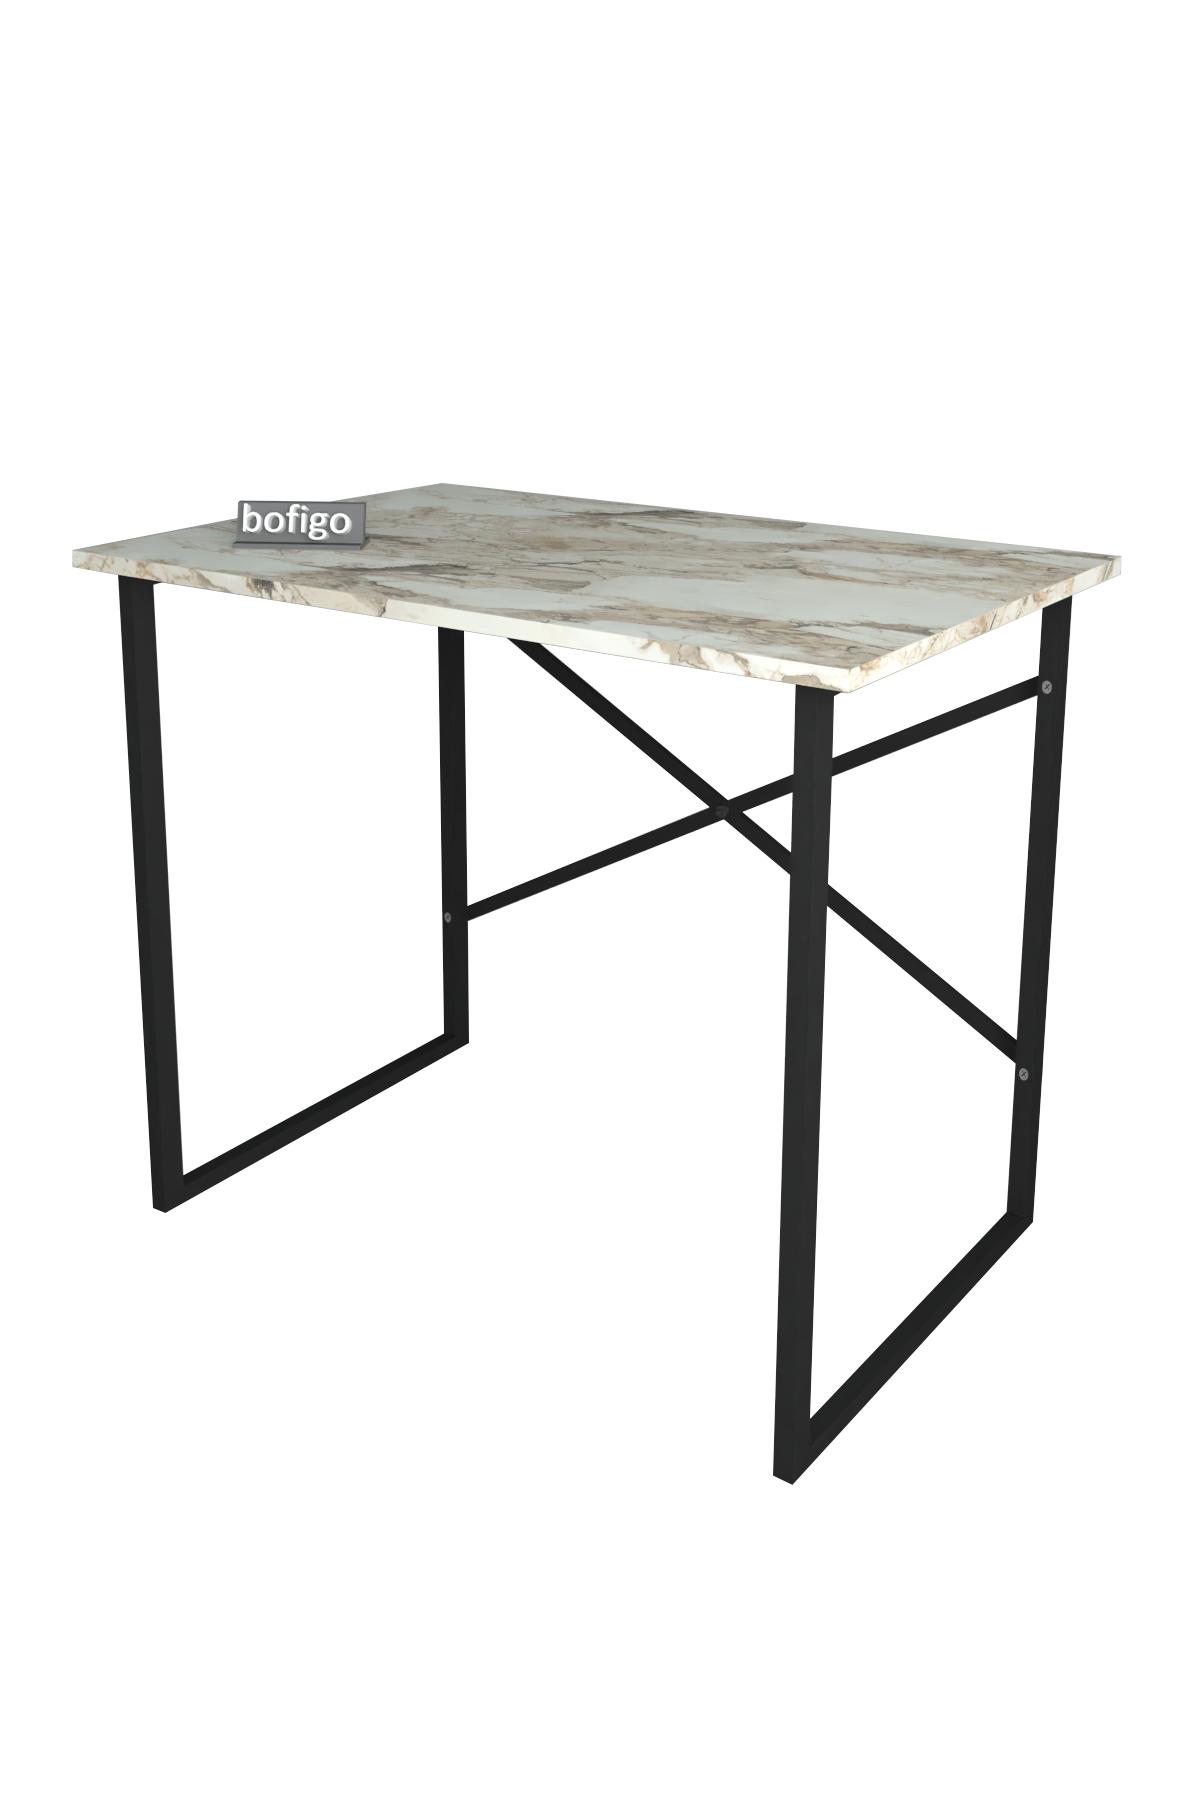 Bofigo Çalışma Masası 60x90 cm Efes